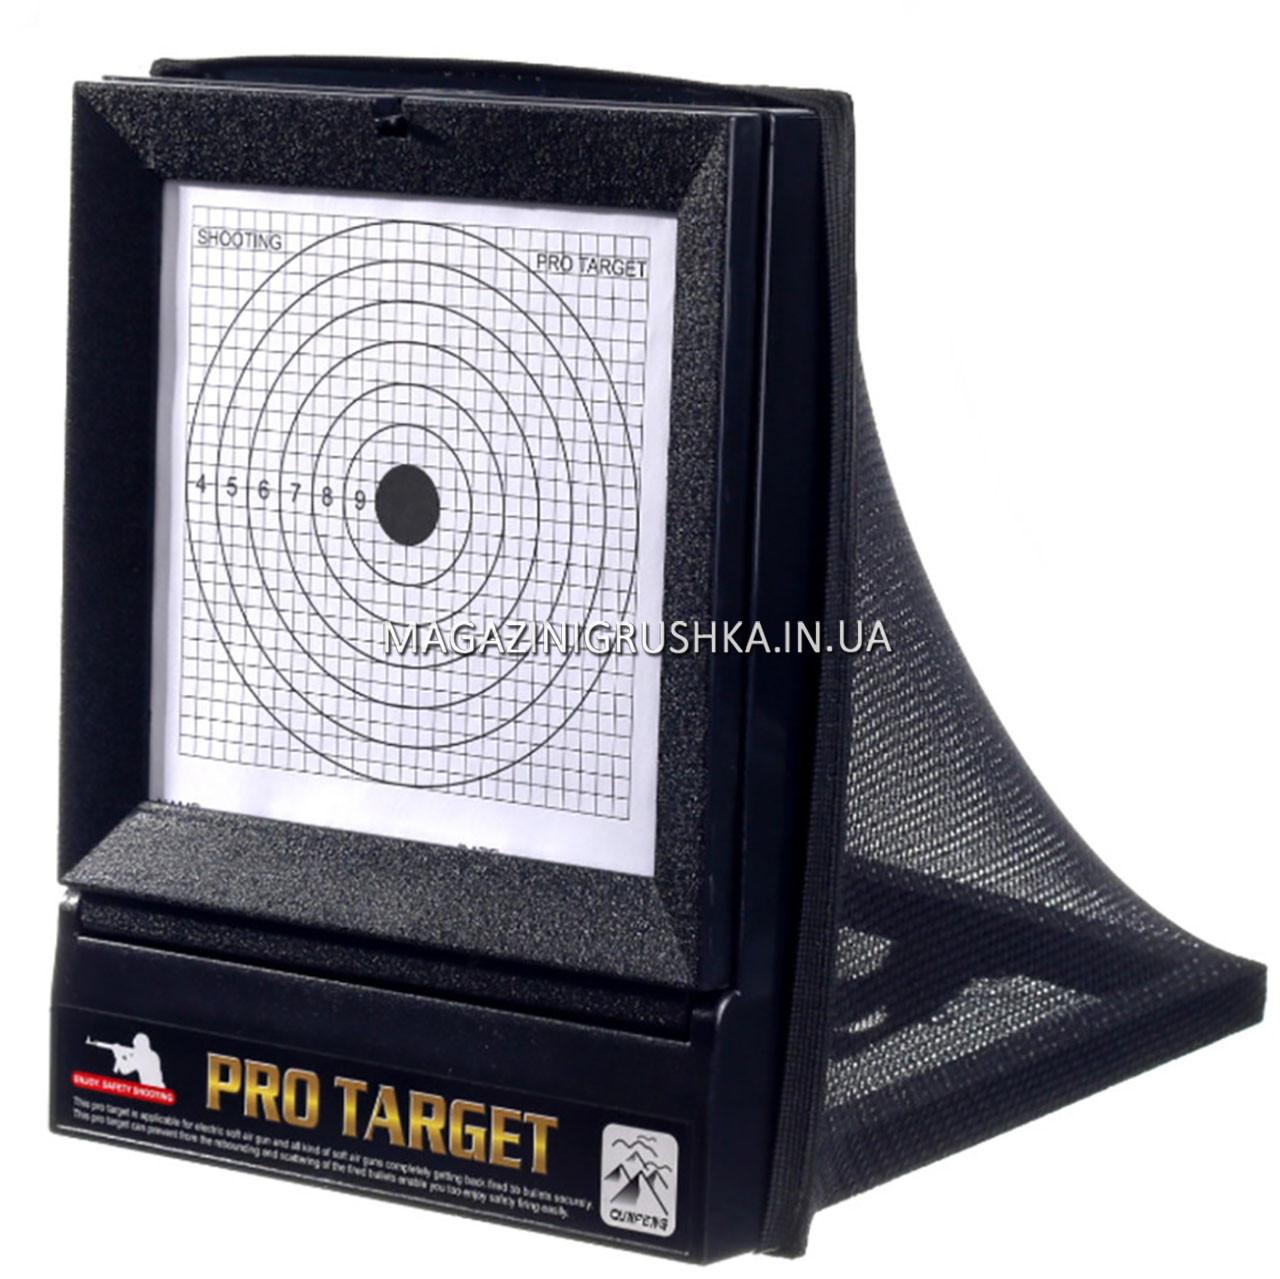 Набір мішеней для стрільби зі зброї, розмір 26х20, 21 шт. (М1) з системою уловлювання куль